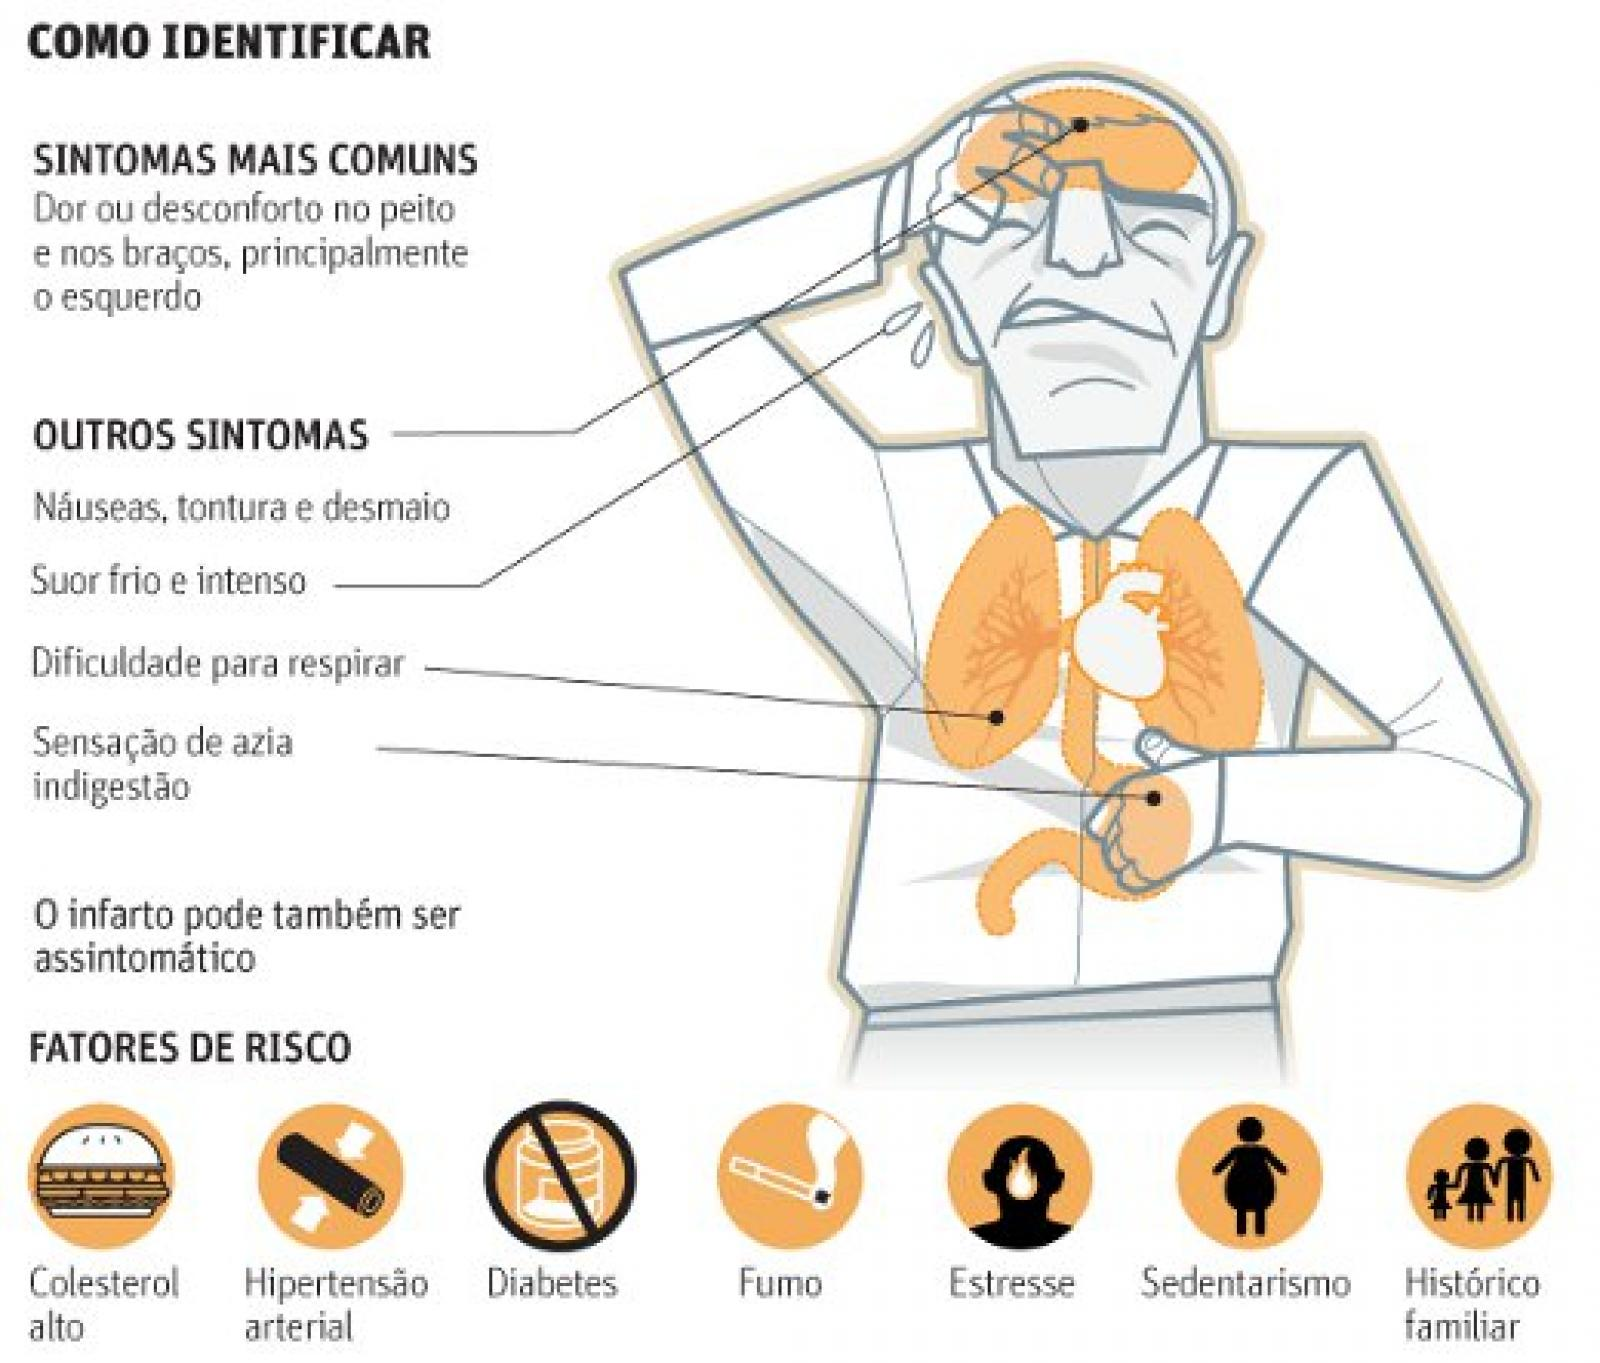 Quais os sintomas do ataque cardíaco ou infarto?